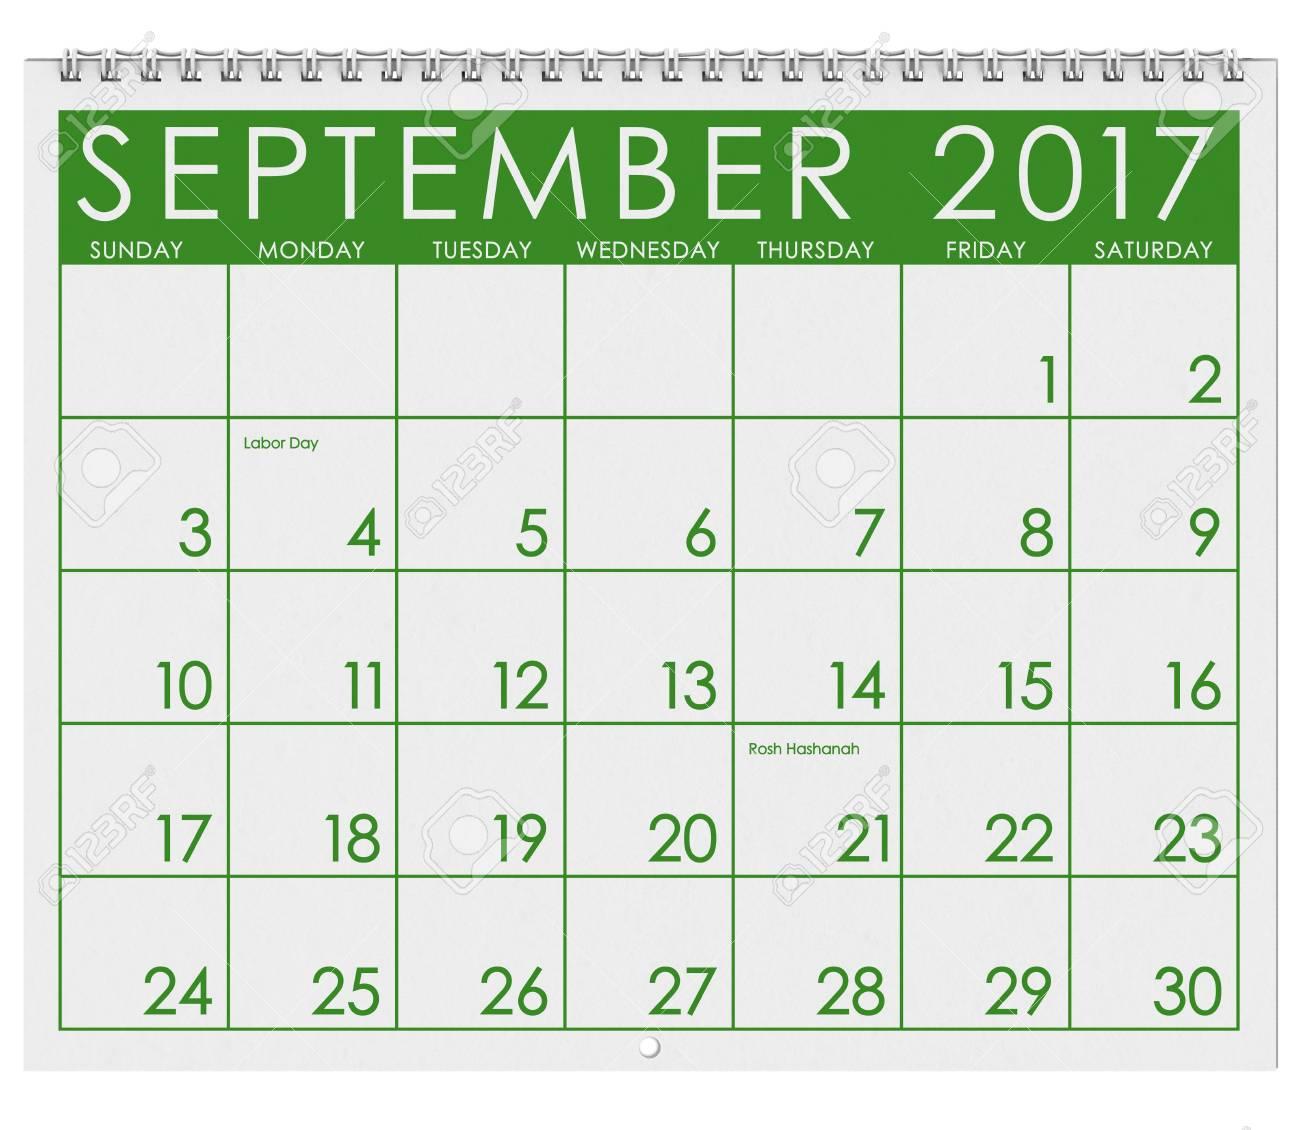 Calendrier Mois De Septembre.2017 Calendrier Mois De Septembre Avec La Fete Du Travail